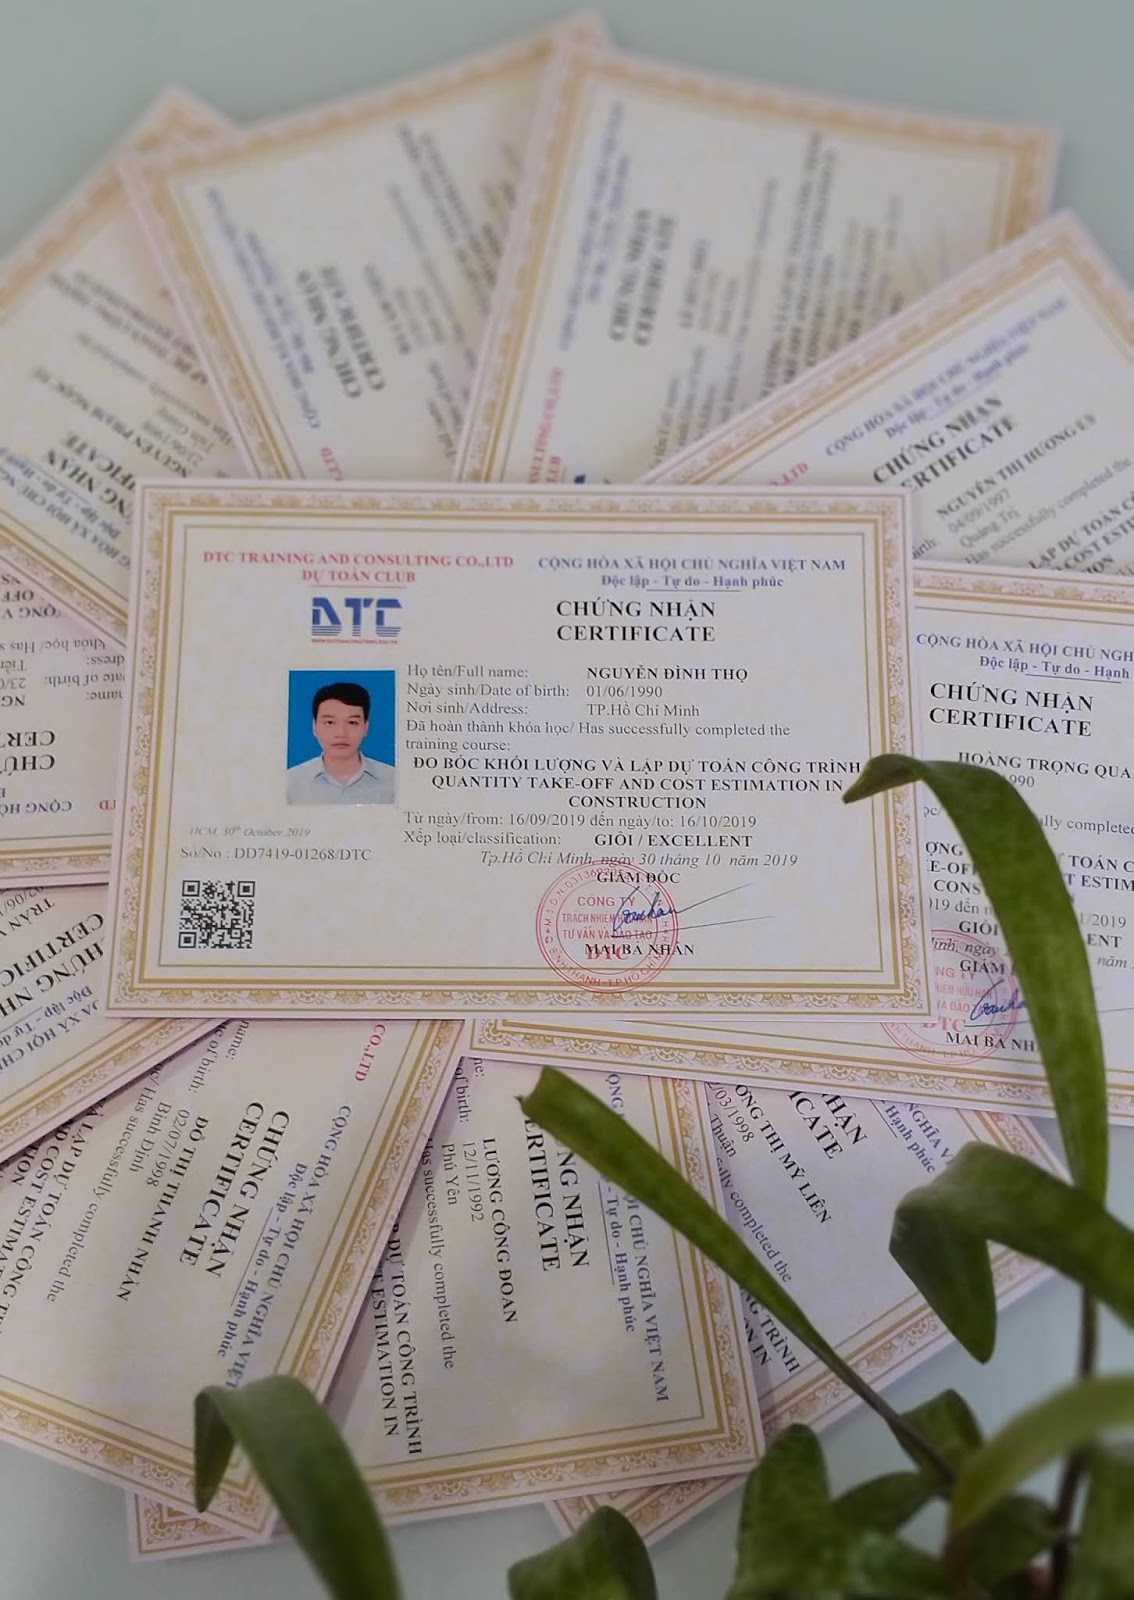 CLB Dự Toán DTC khai giảng lớp dự toán khóa K78(25/11/2019) tại Tp.HCM